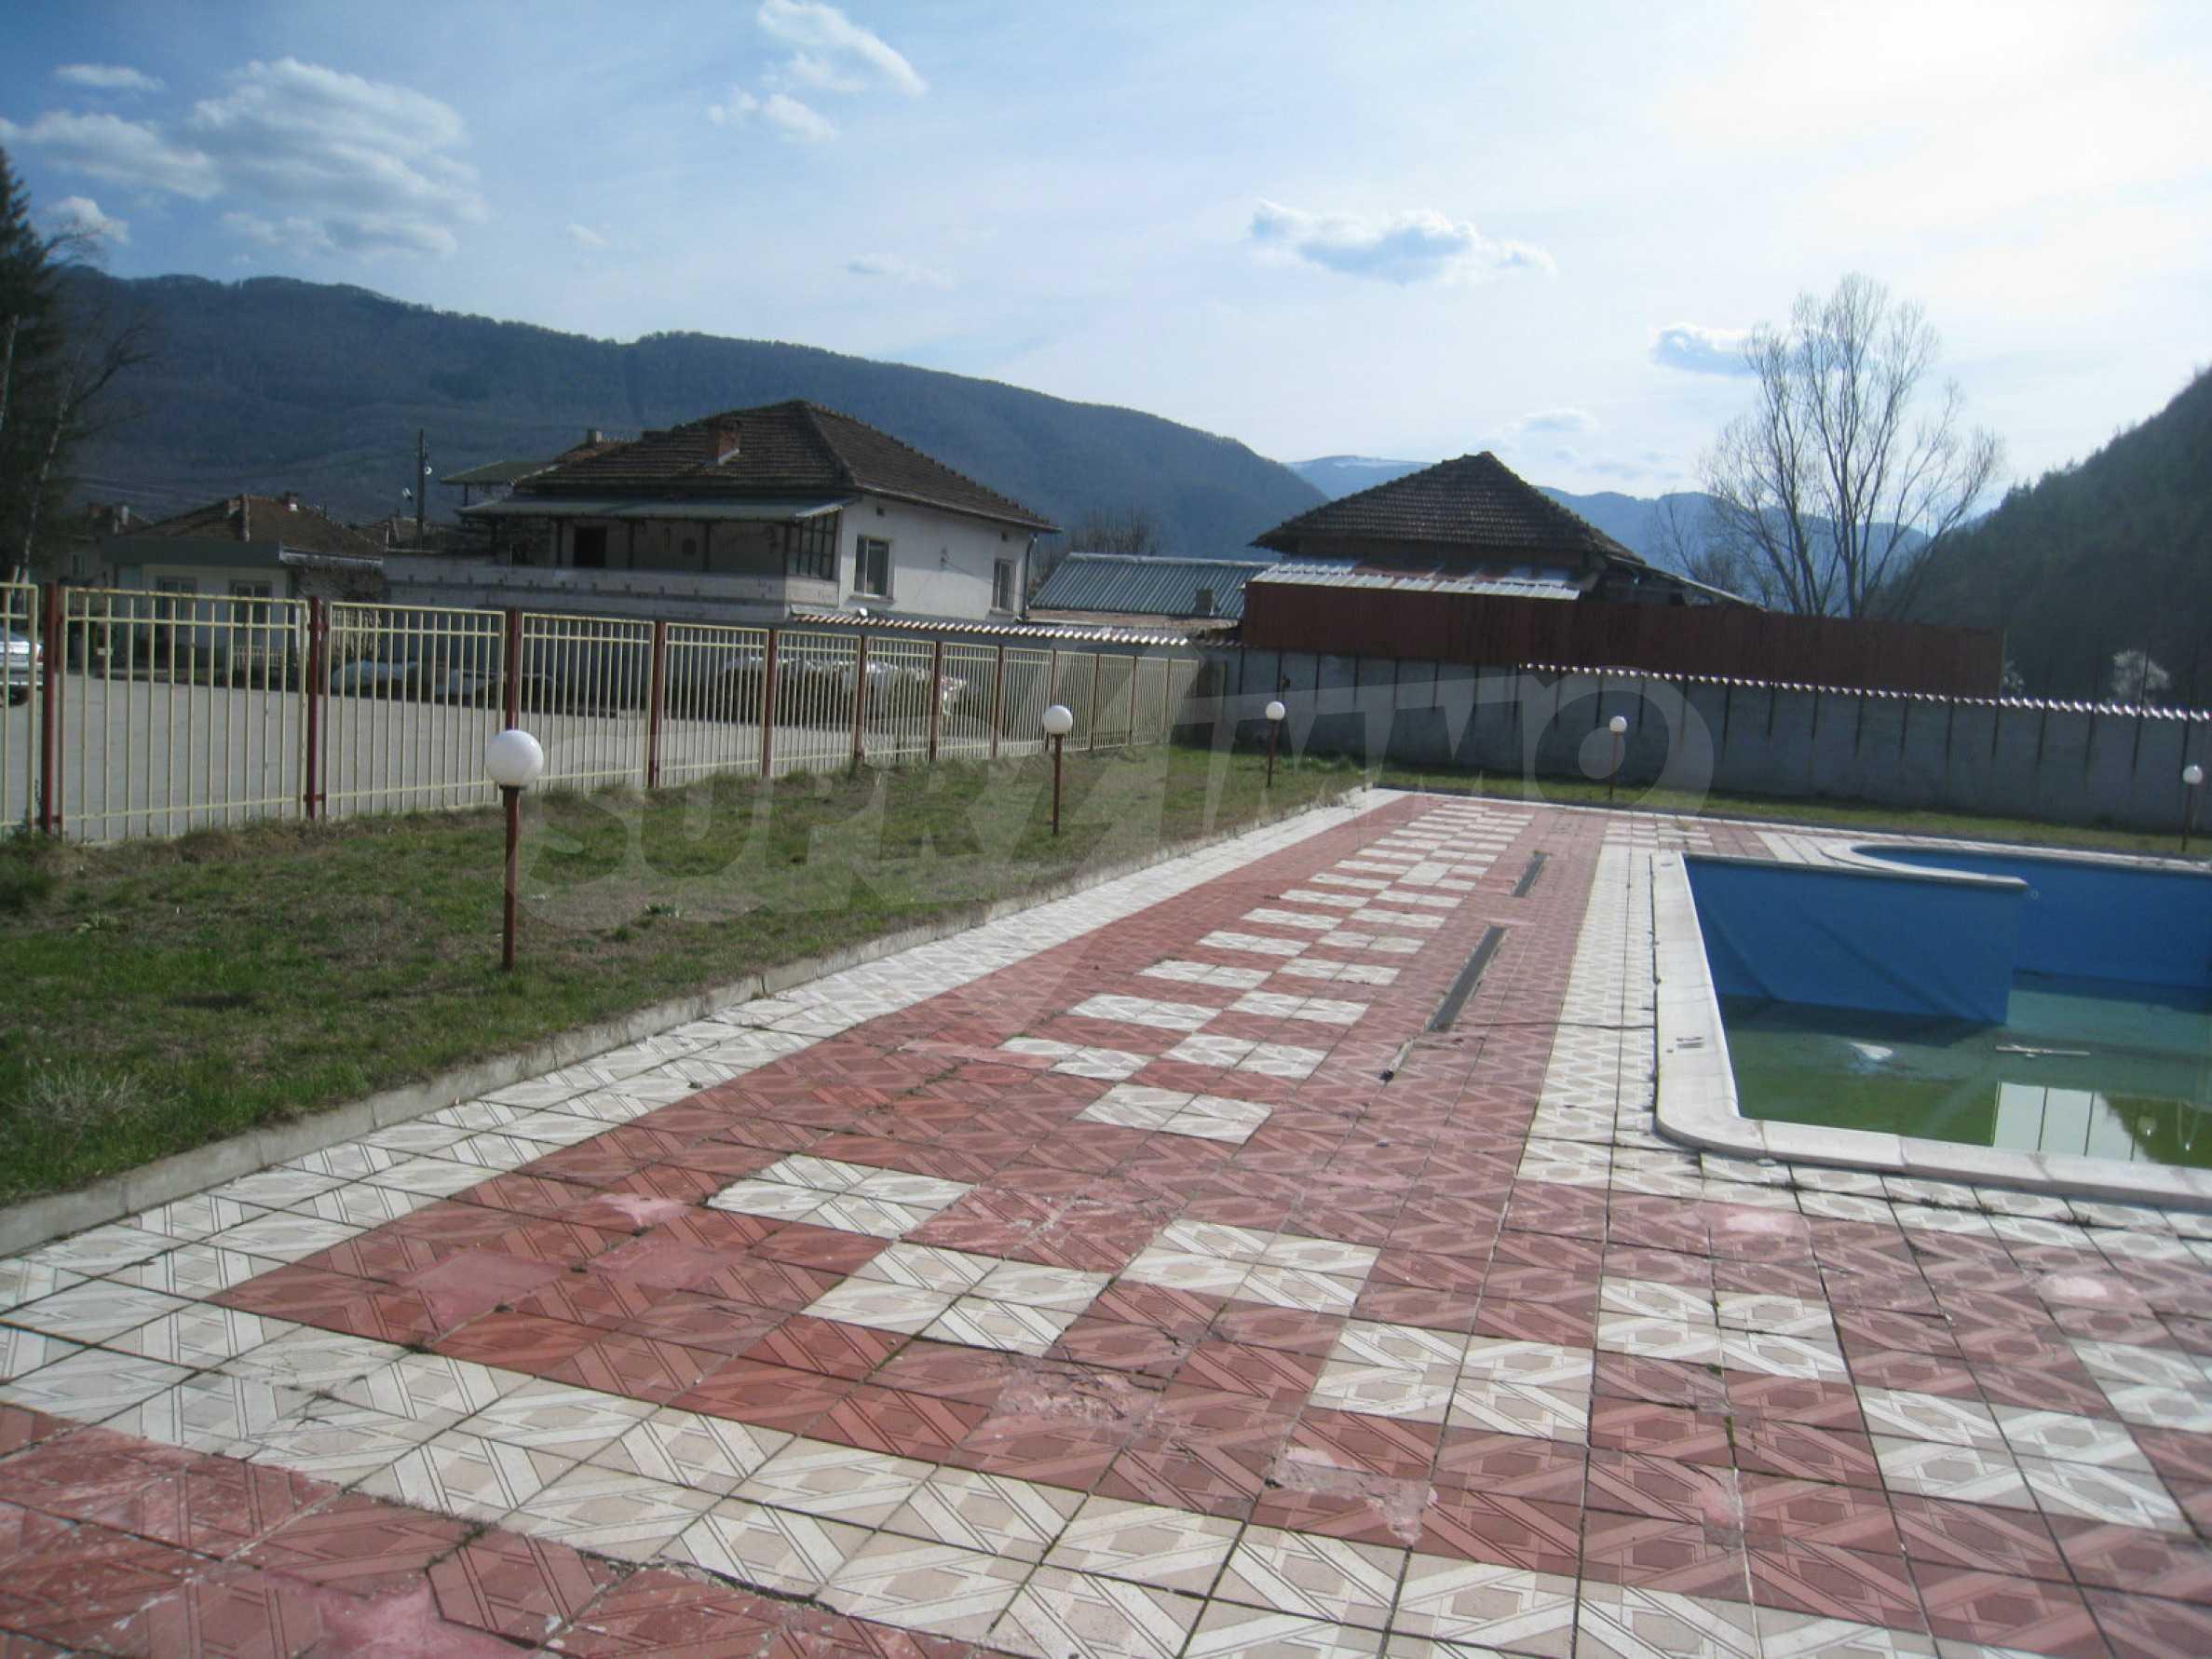 Hotelanlage mit Schwimmbad, Tankstelle und großem Grundstück in Etropole 32